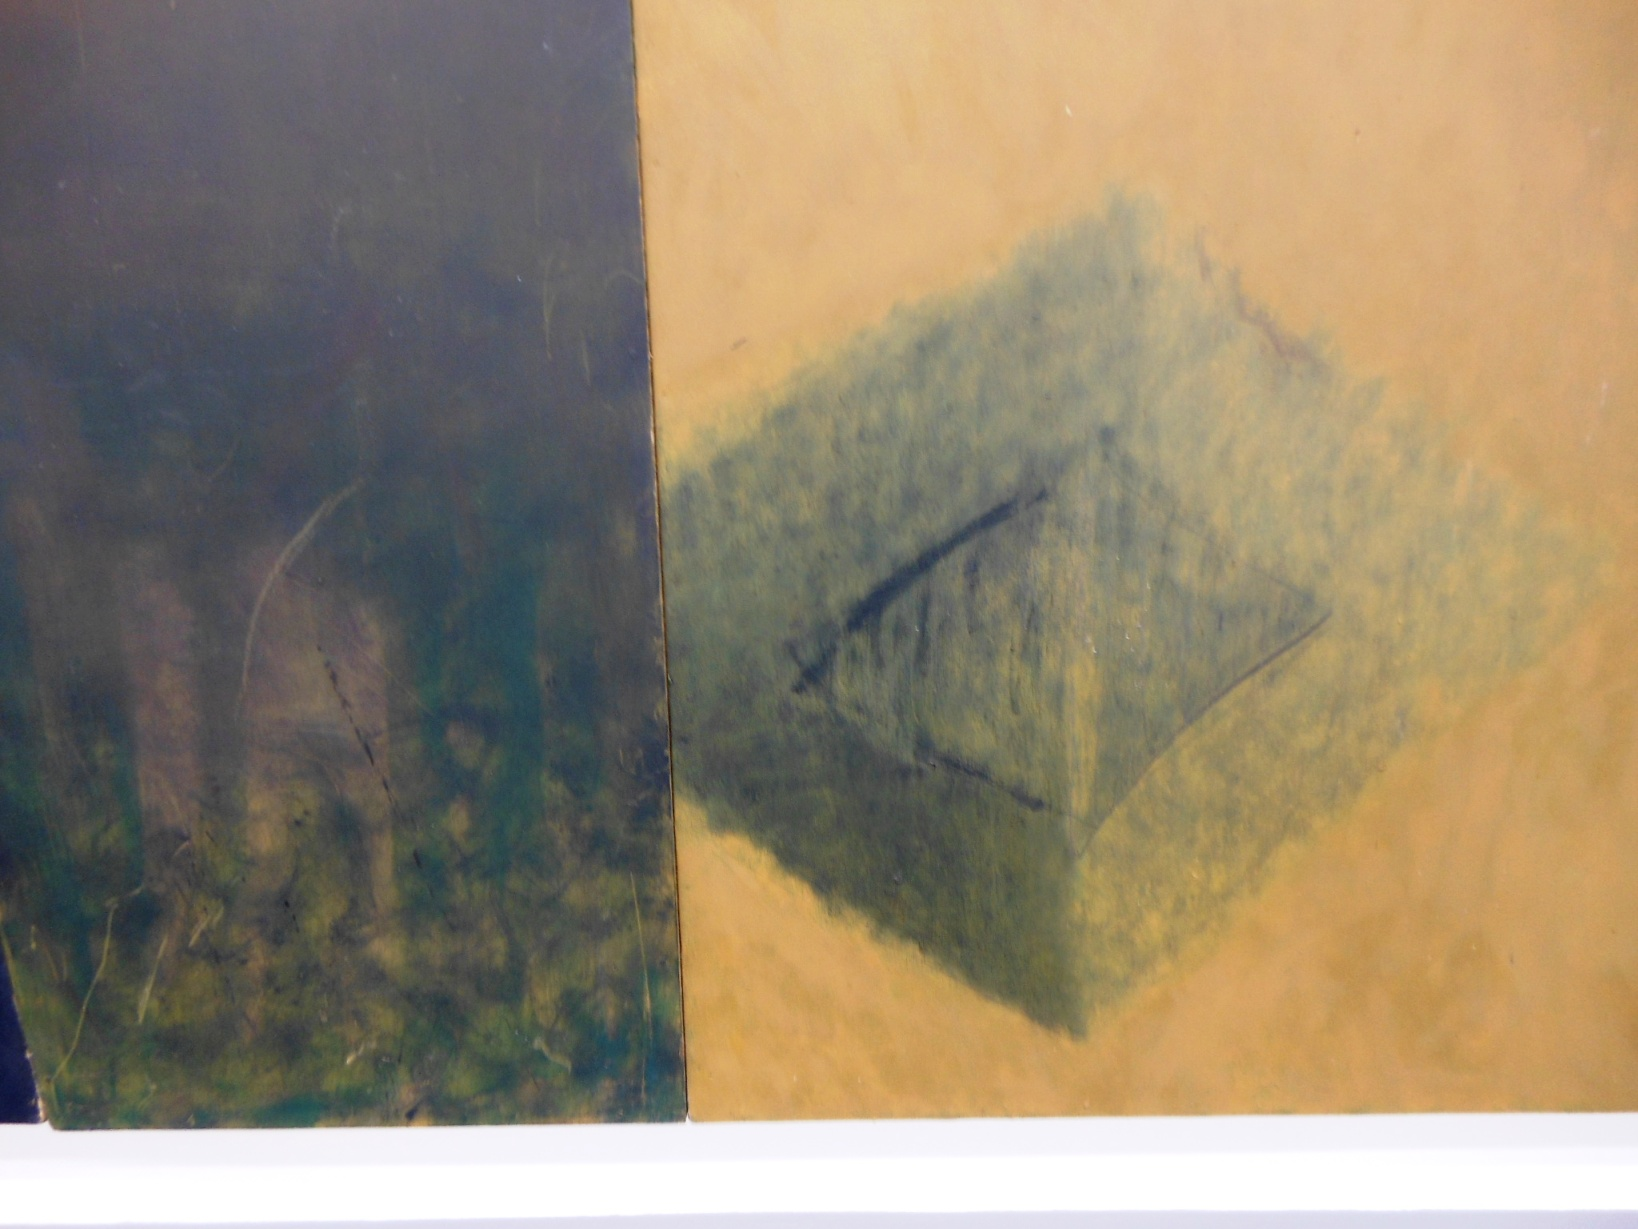 1700)「'12 第39回 北海道抽象派作家協会展」 市民ギャラリー 4月10日(火)~4月15日(日)_f0126829_2333855.jpg